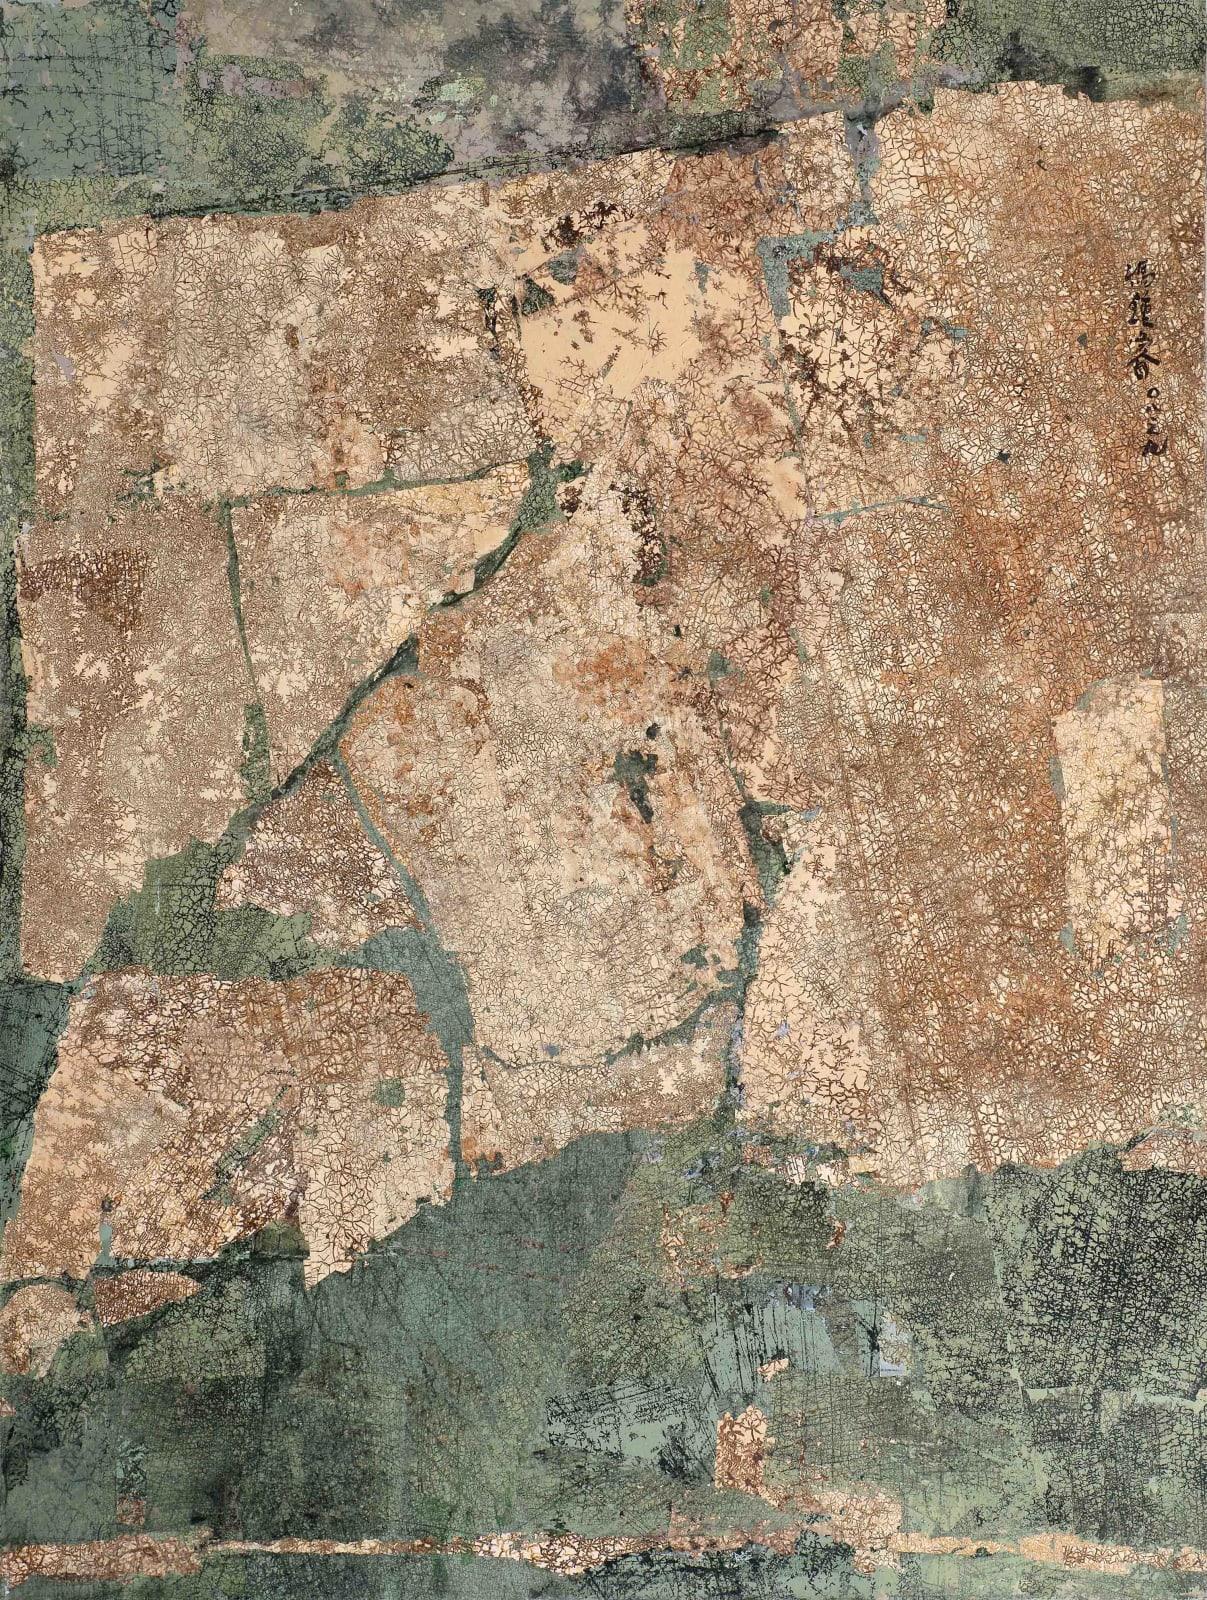 Fong Chung-Ray 馮鍾睿, 08-09, 2008